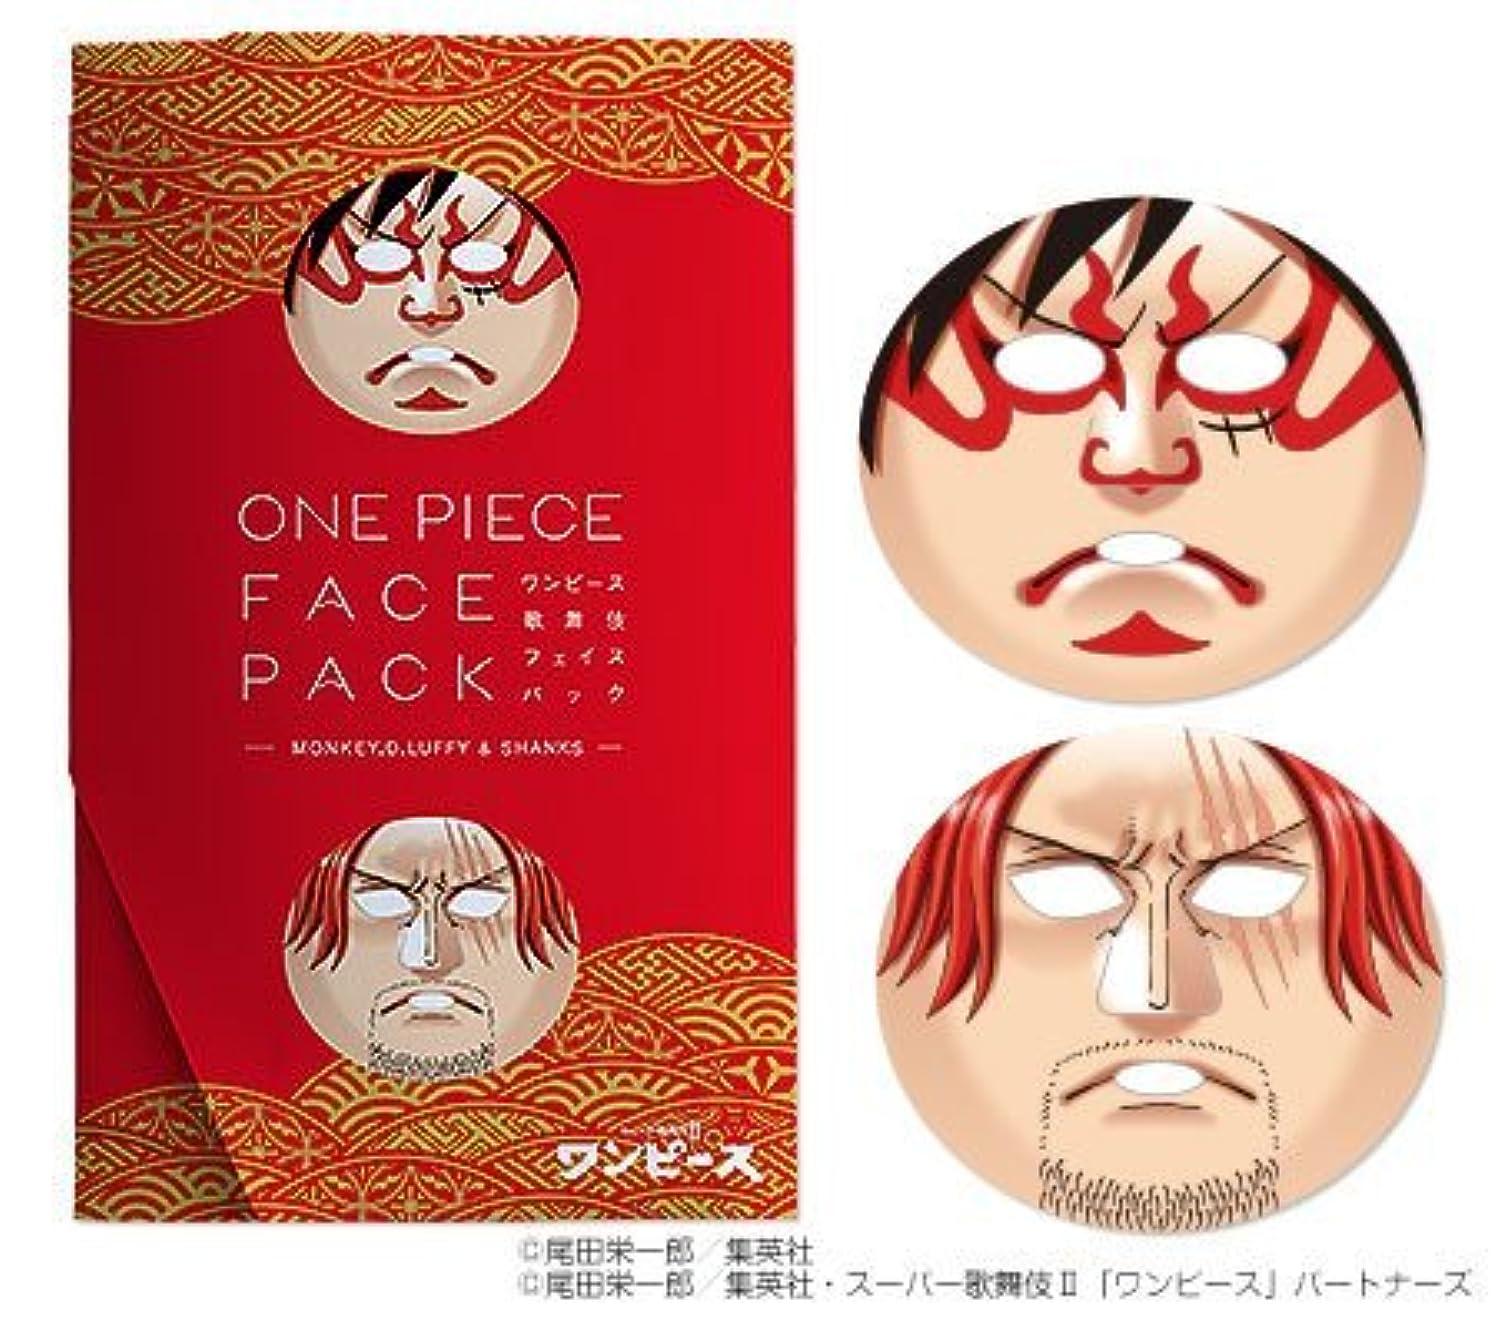 厚さカーフ体系的にワンピース 歌舞伎 フェイスパック (モンキー.D.ルフィ&赤髪のシャンクス)